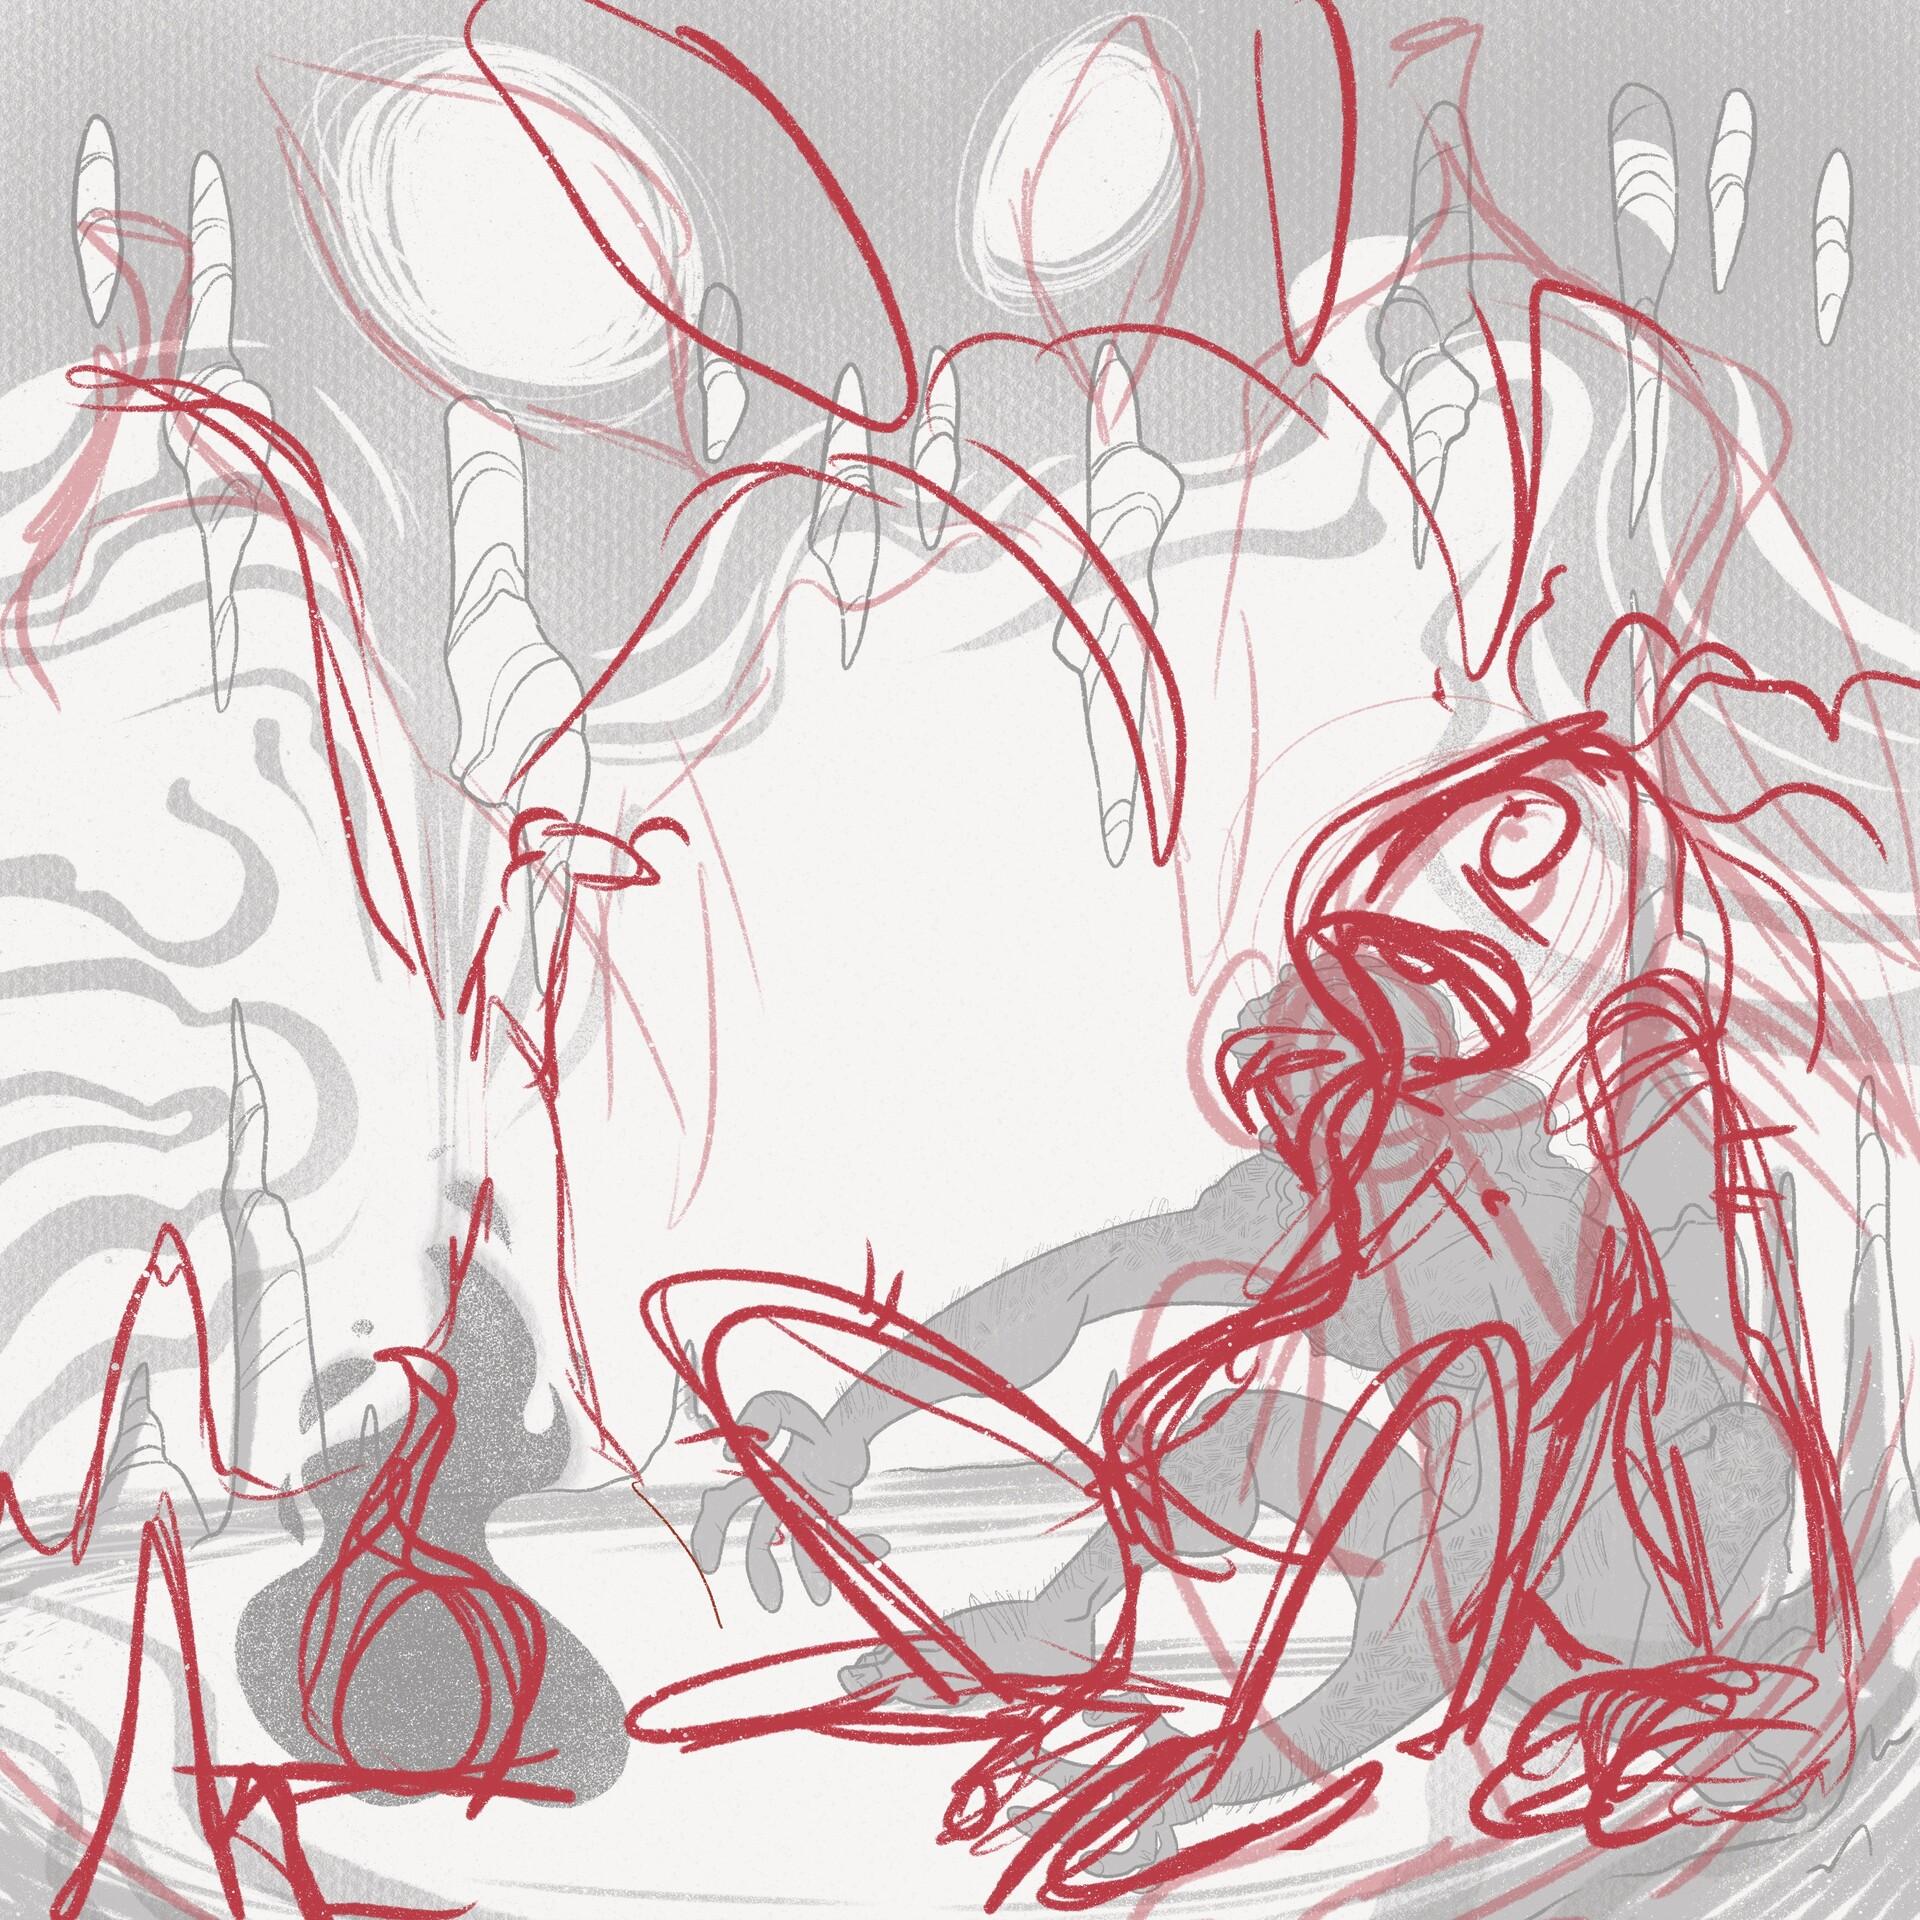 2nd Scketch